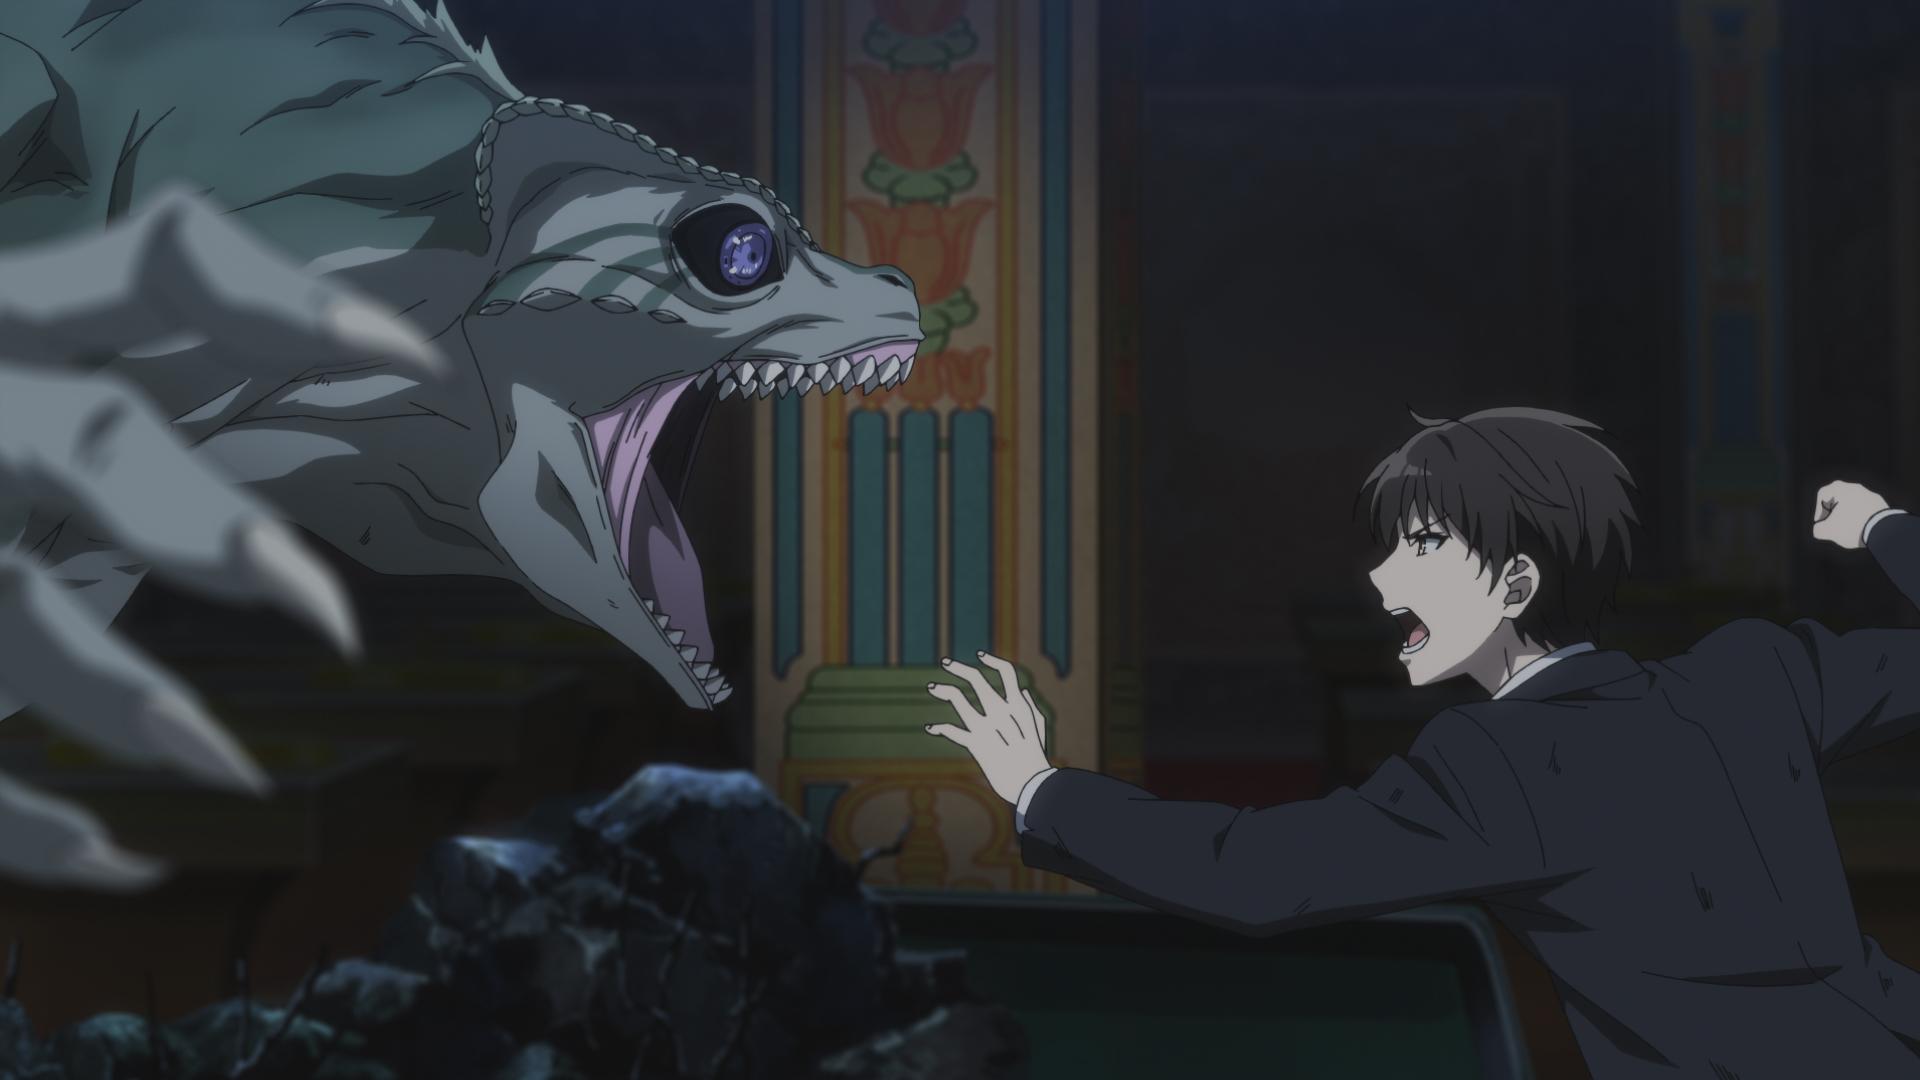 """Captura de tela do episódio 11 de """"The Detective is Already Dead"""", mostrando Camaleão (esquerda) e Kimihiko (direita)"""